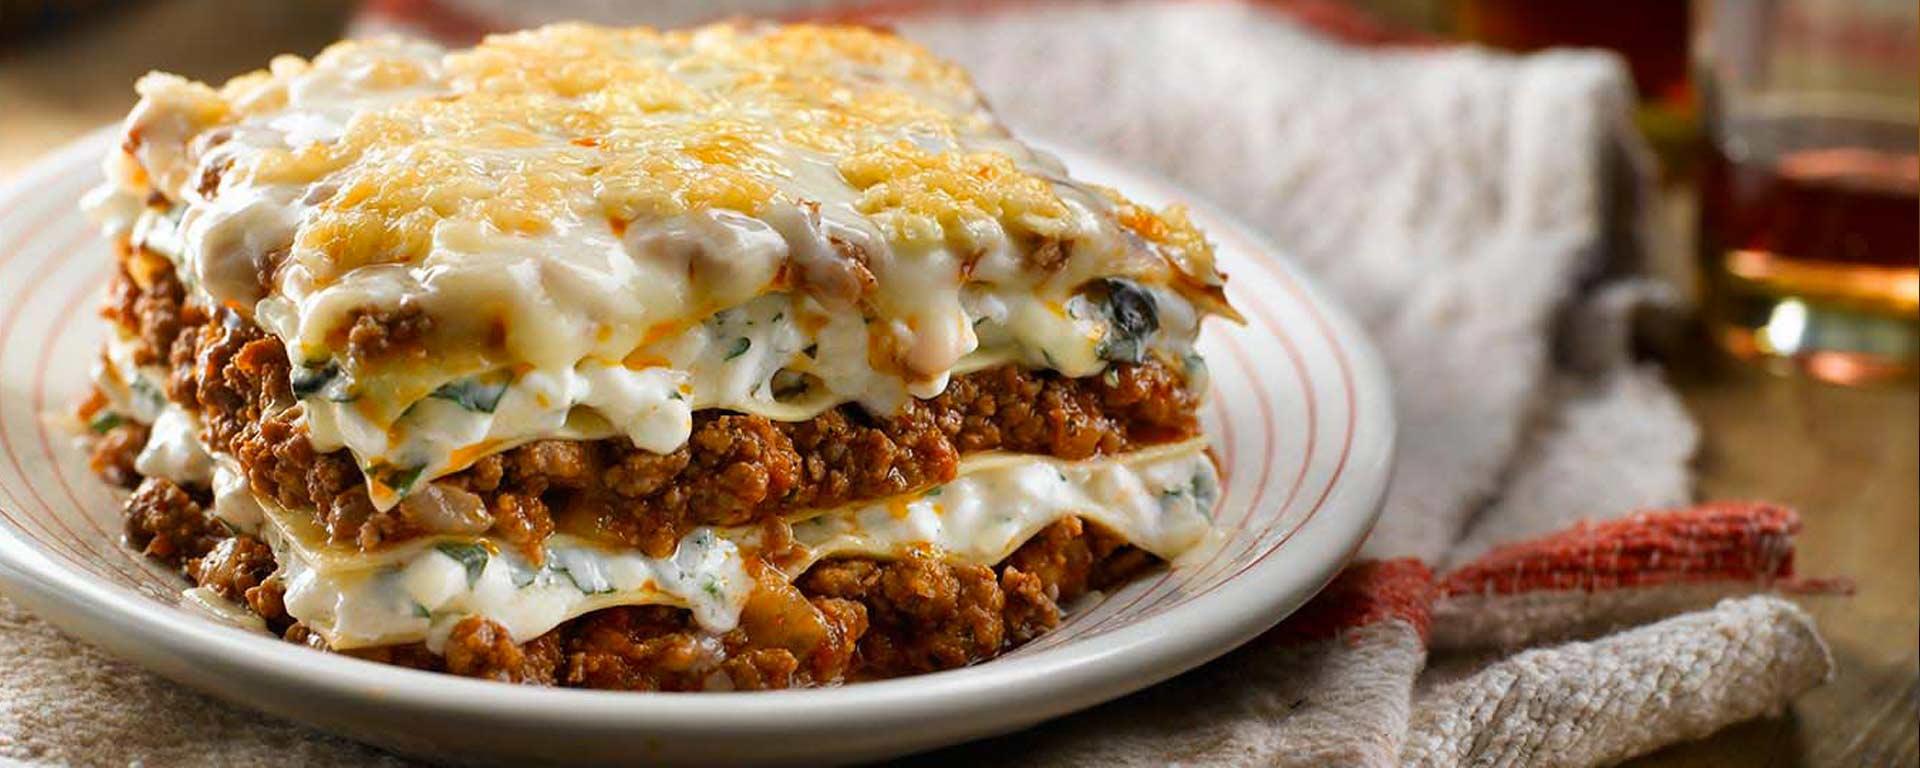 Photo for - Mamma Mia! Meat Lasagna